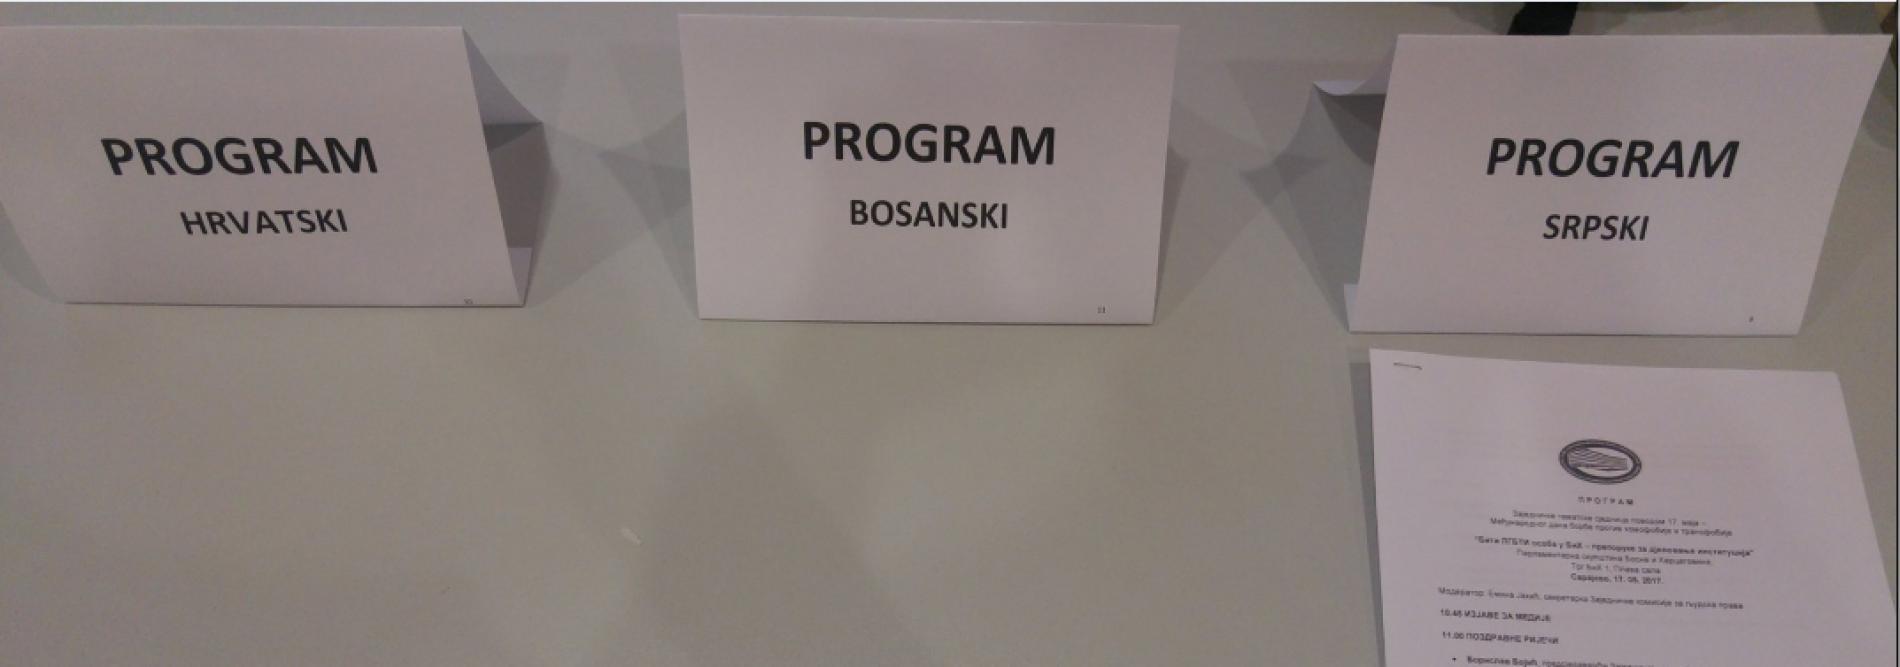 'Konstitutivnost' naroda na bosanski način: S historijsko-pravnog gledišta taj vid konstitutivnosti je nemoguće objasniti